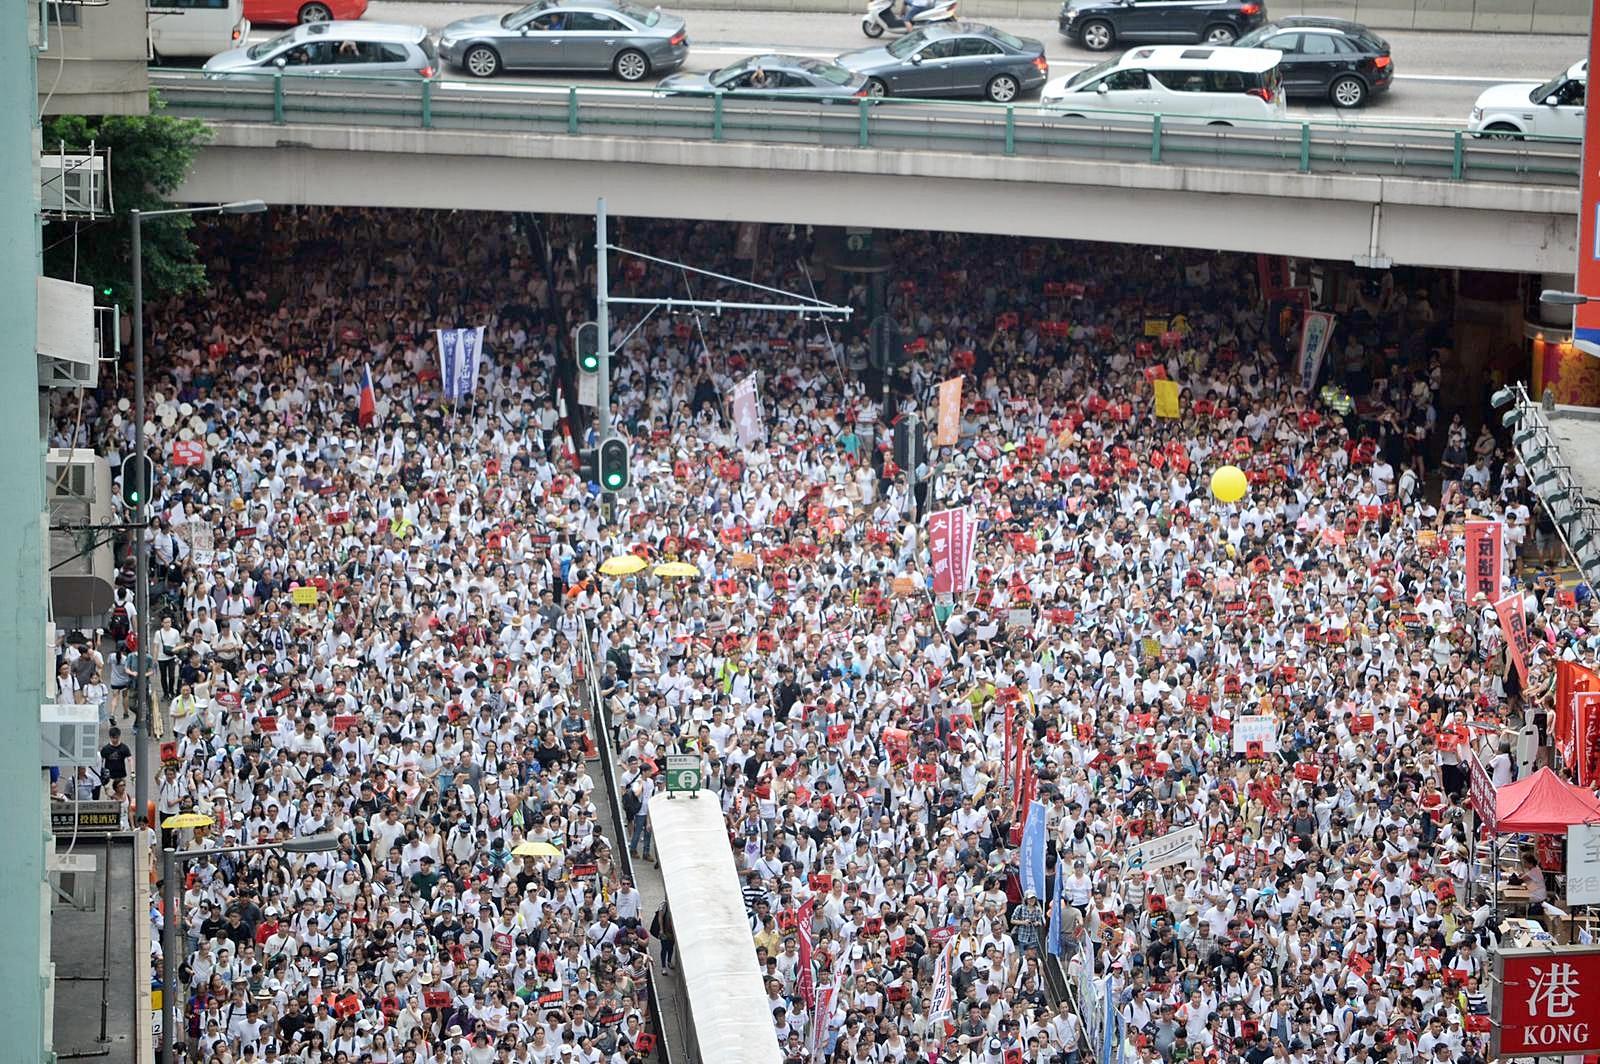 大批市民上街反對逃犯條例修訂。